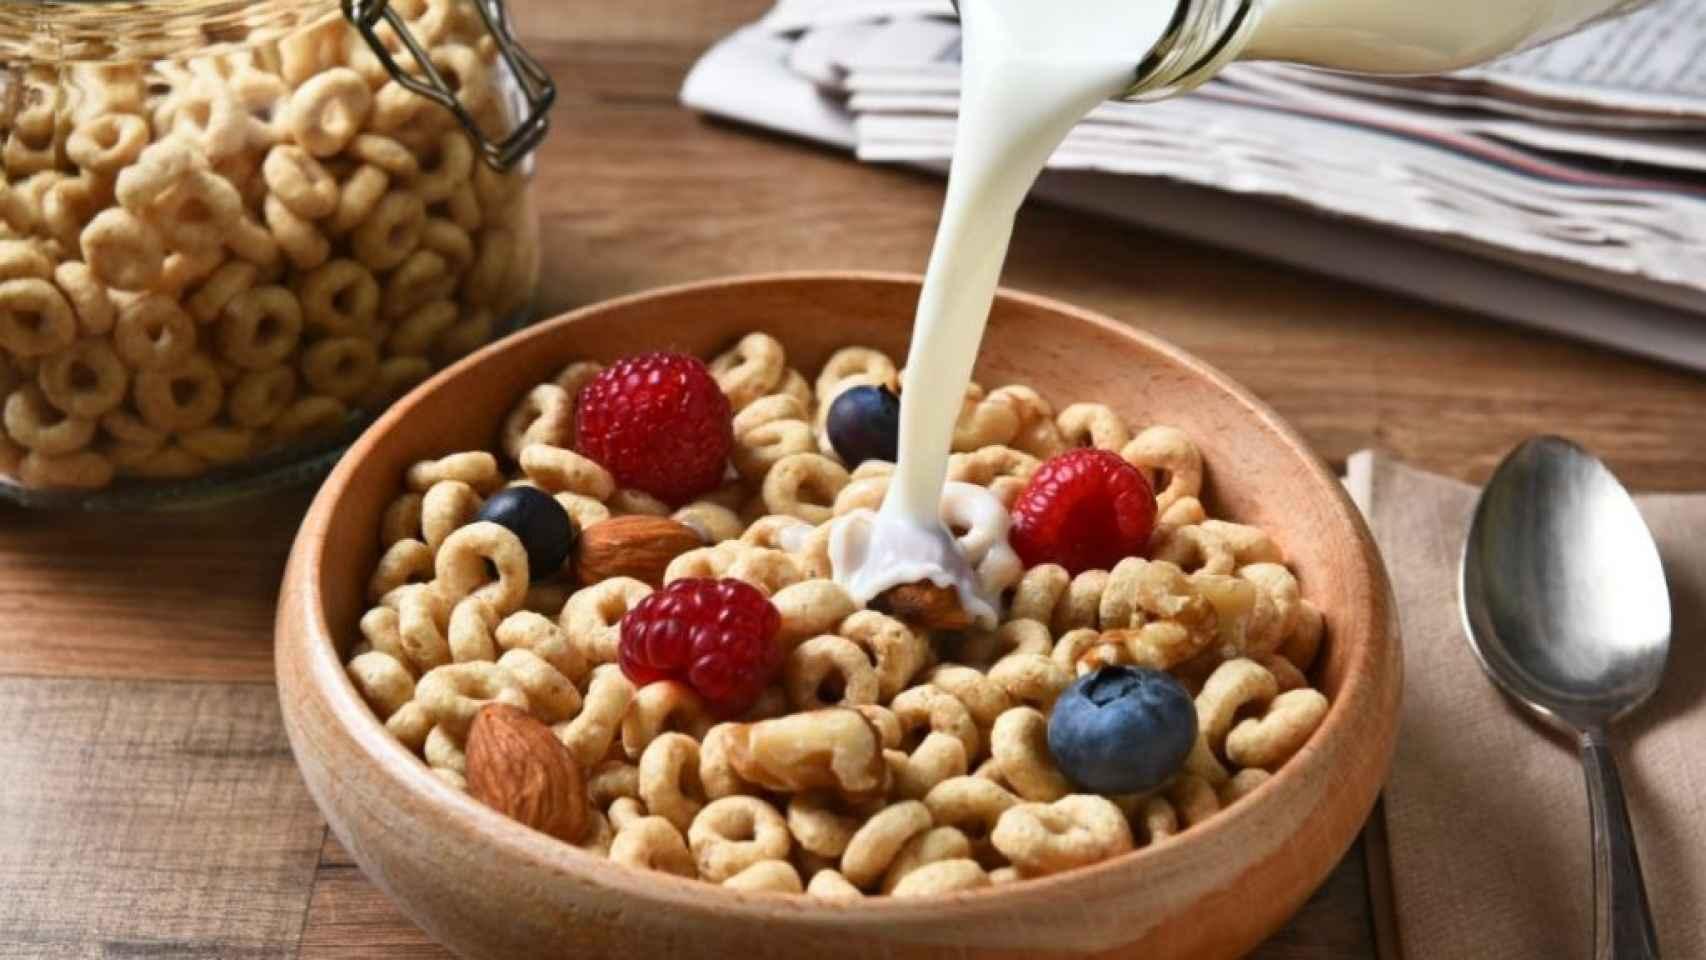 Estos son los cinco cereales con más azúcar del 'súper'